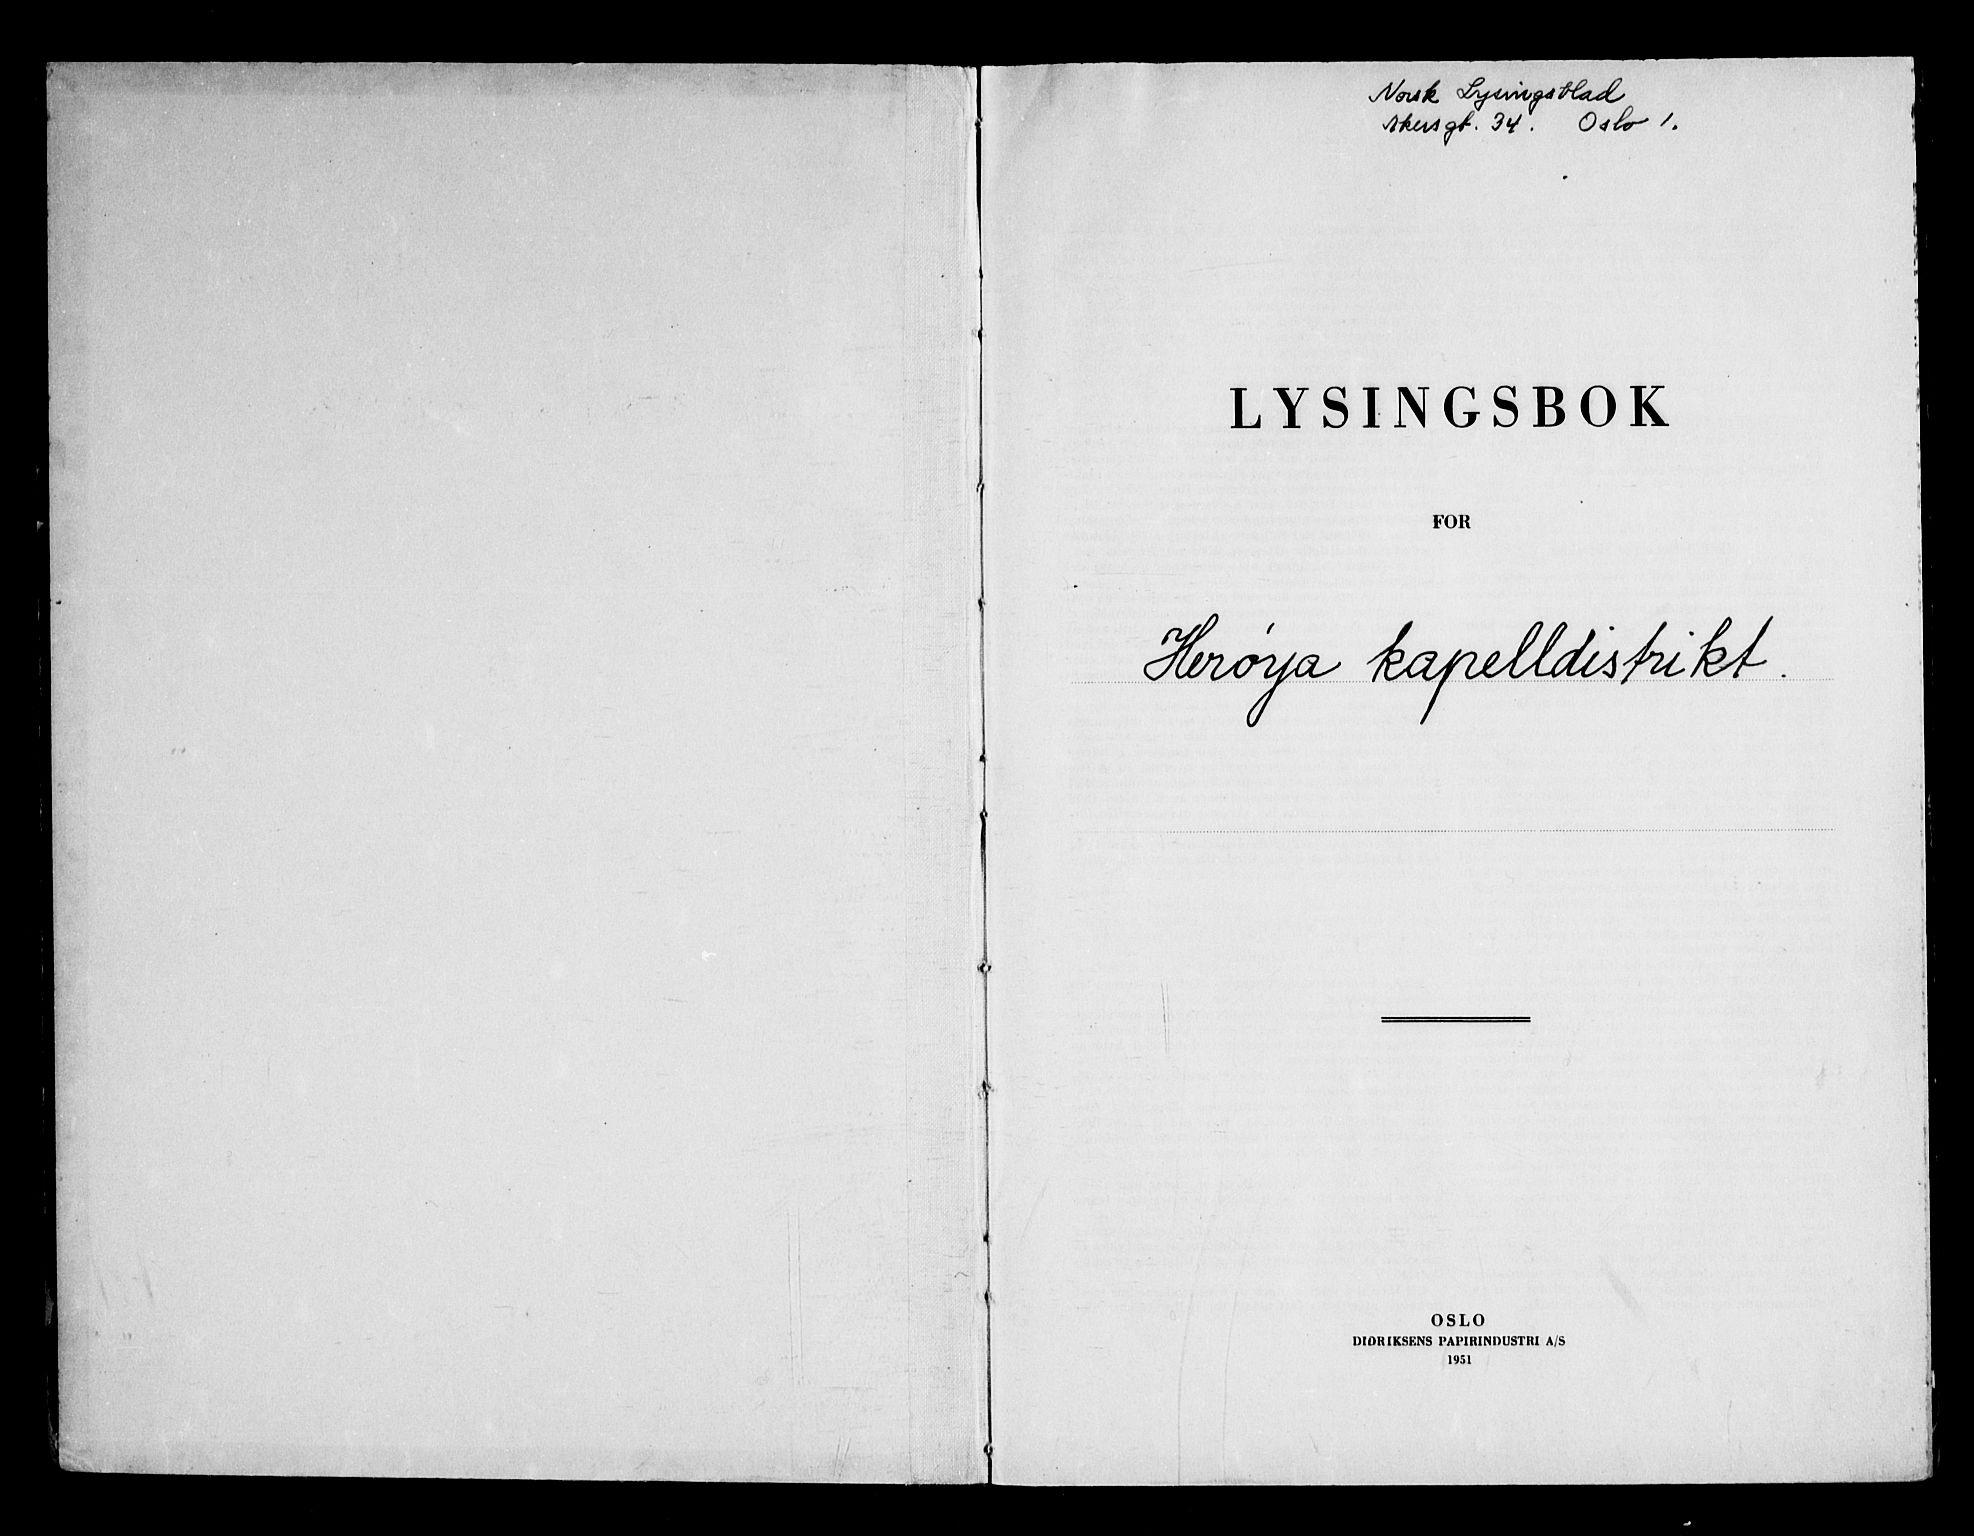 SAKO, Klevstrand kirkebøker, H/Ha: Lysningsprotokoll nr. 1, 1957-1969